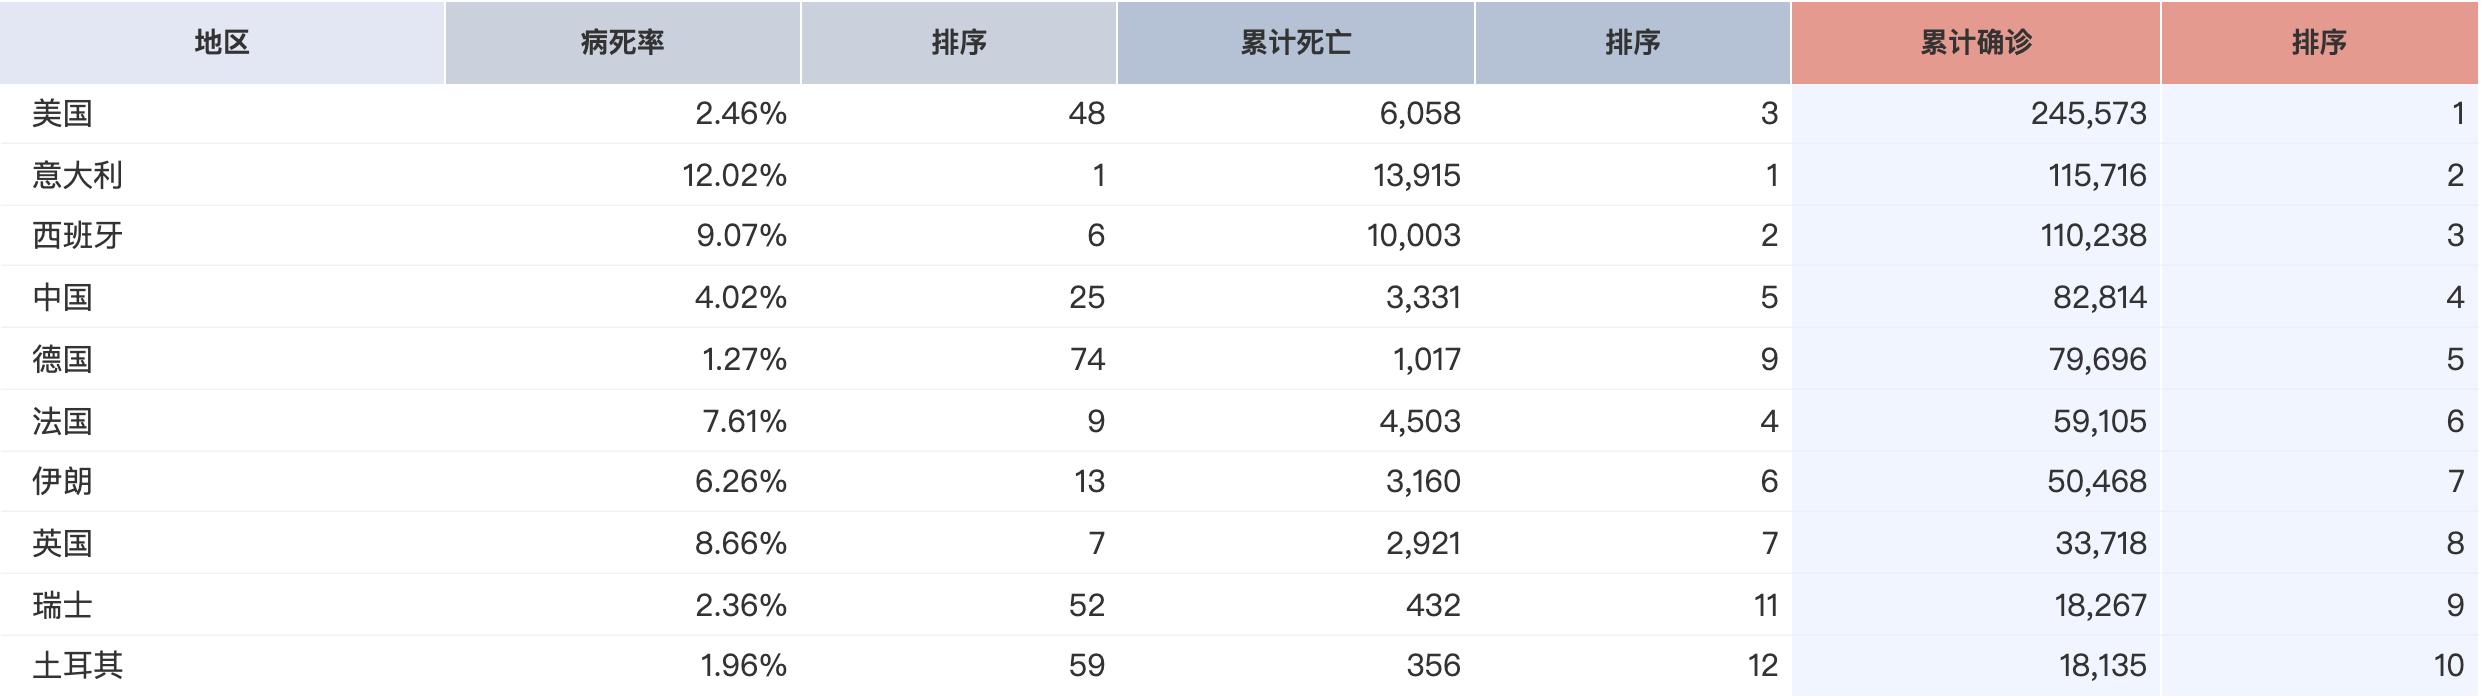 截至4月3日,确诊人数排名前10的国家。来源:丁香园实时疫情地图